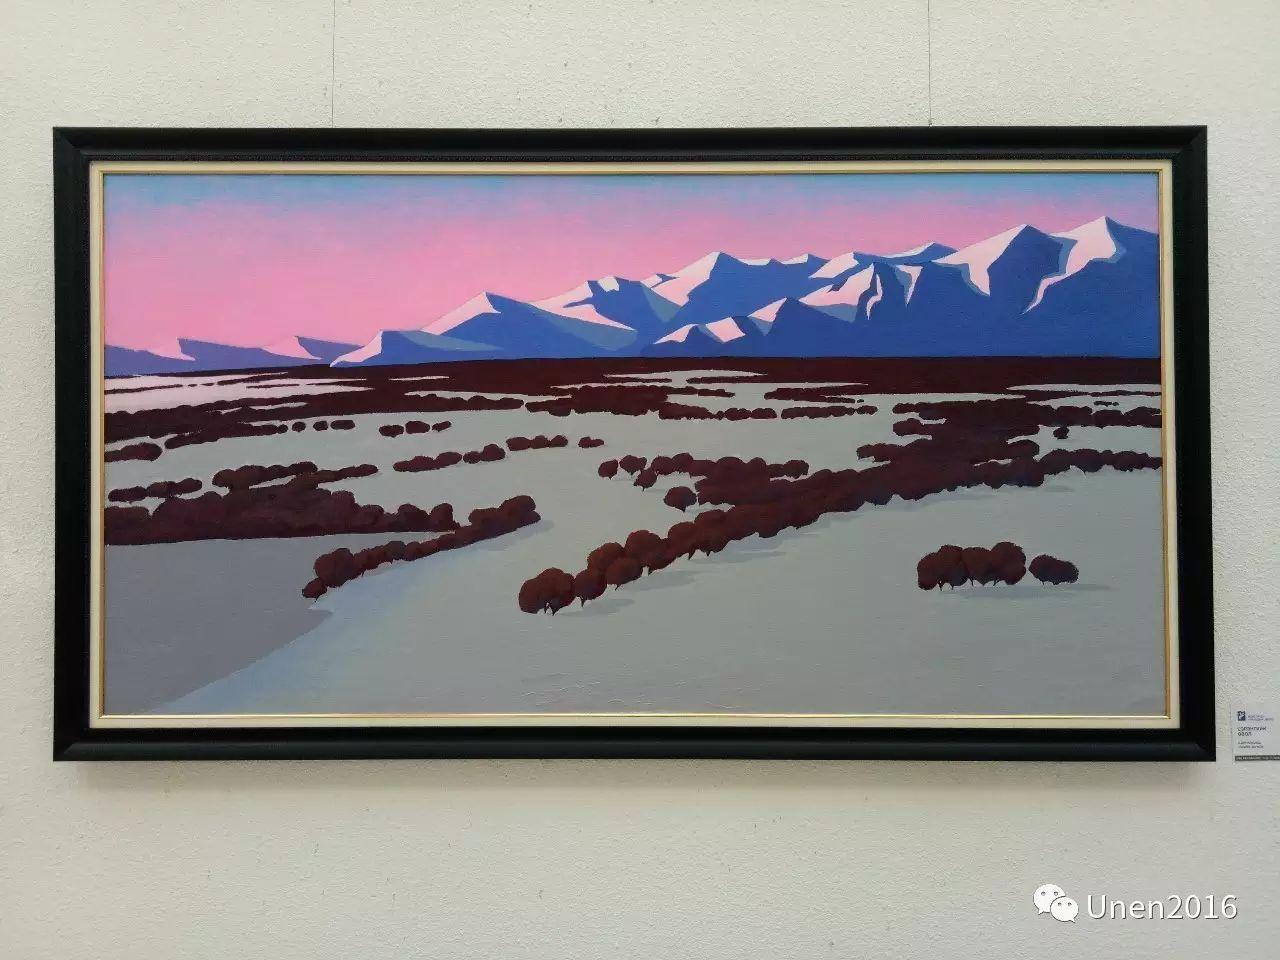 蒙古国画家傲日格勒宝勒德的油画作品 第14张